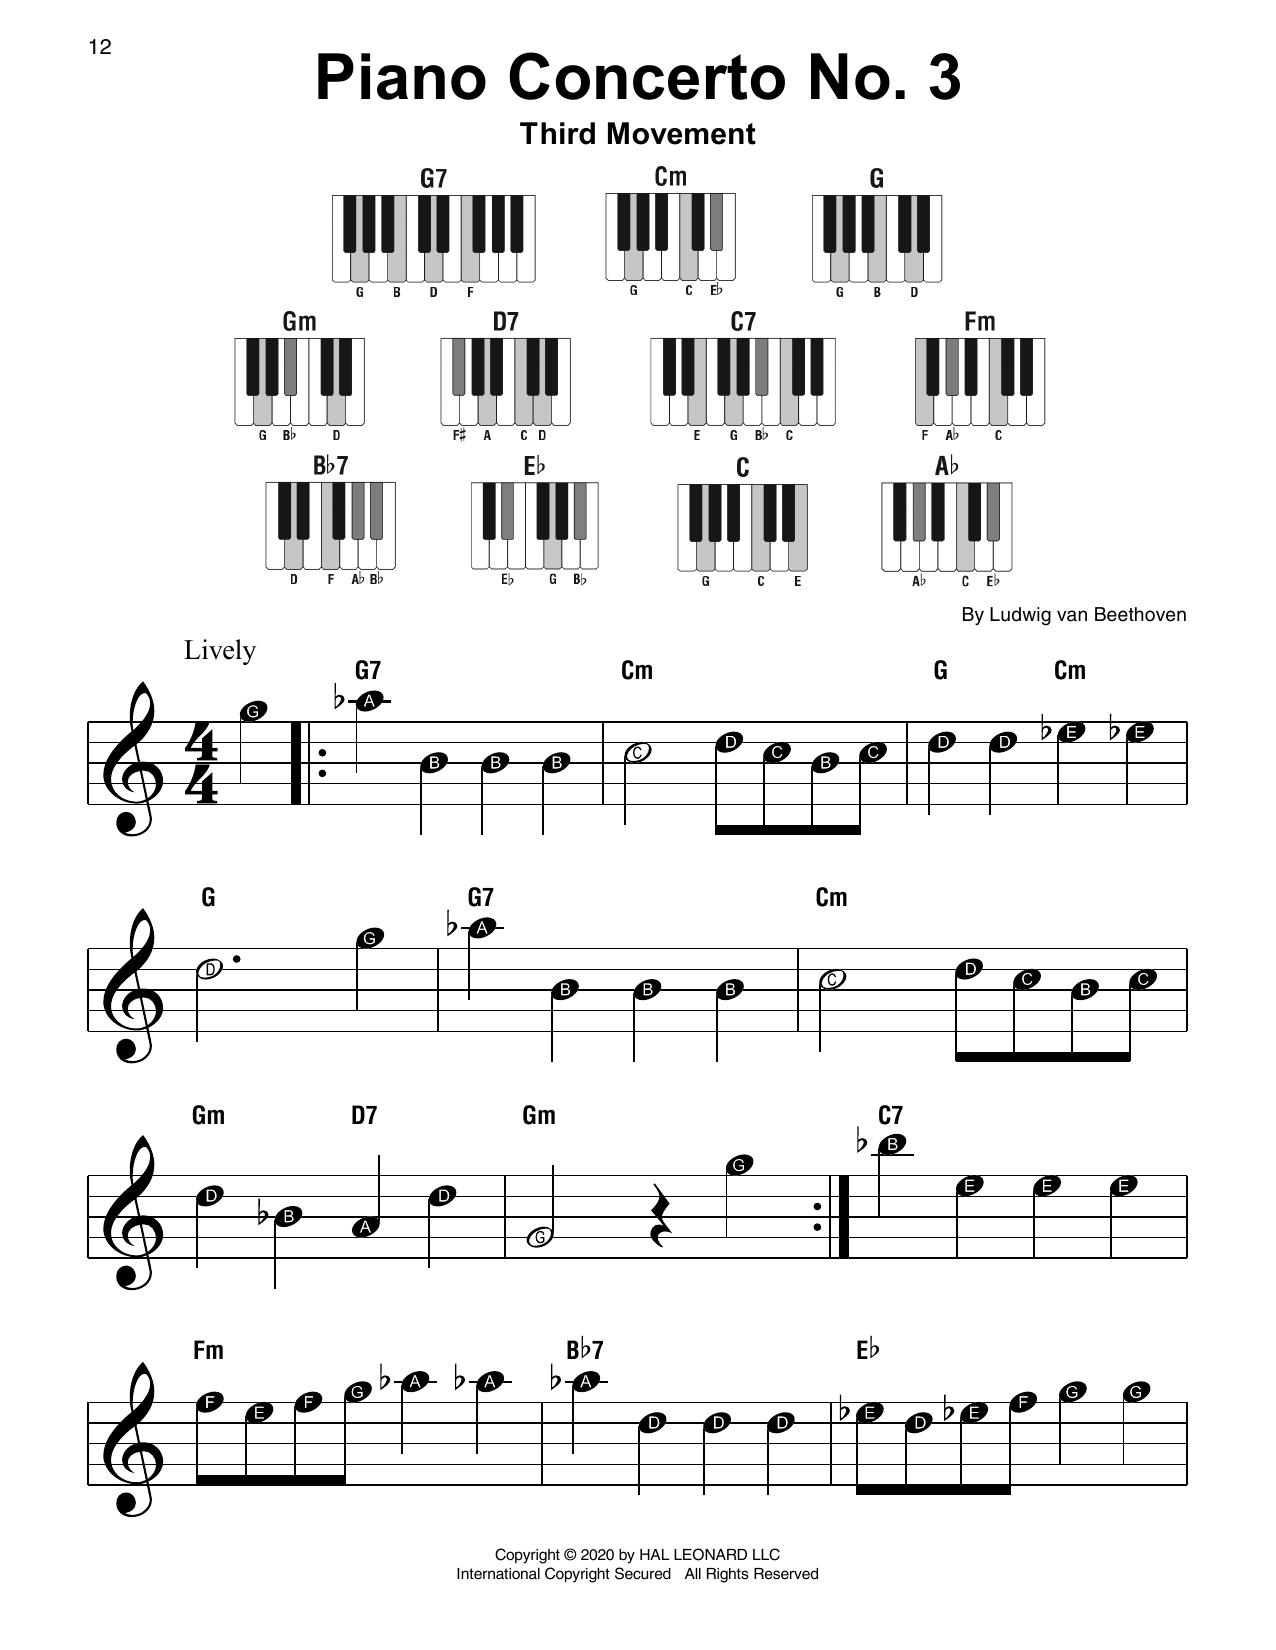 Piano Concerto No. 3, 3rd Movement (Super Easy Piano)